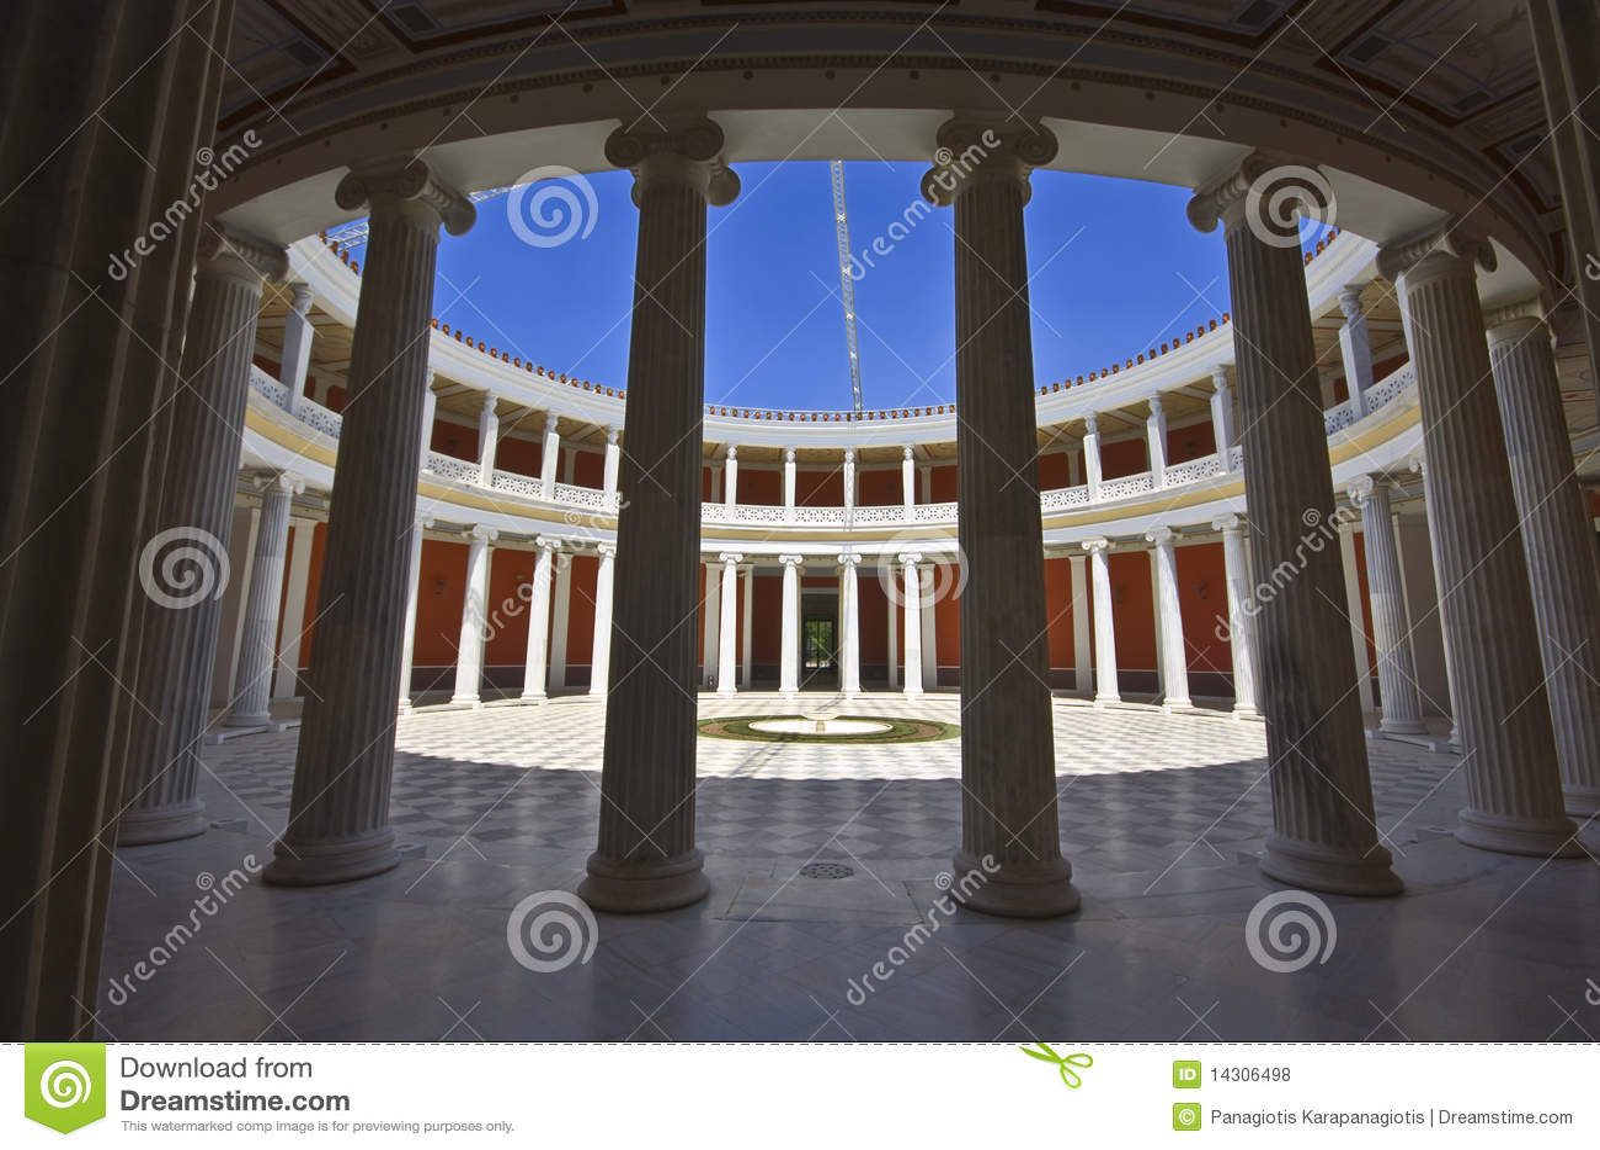 Athens megaron zappeion